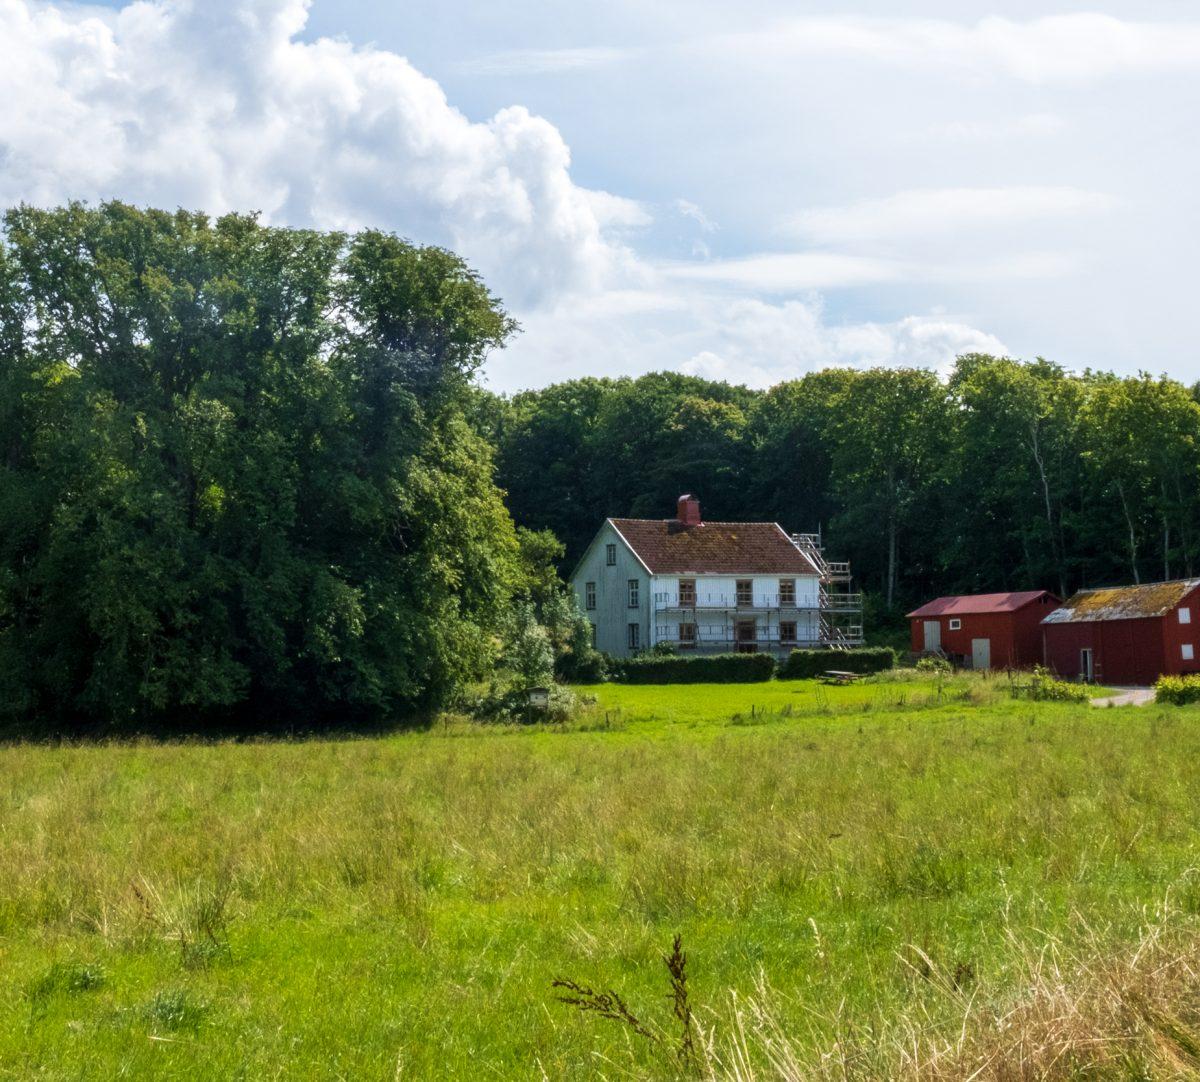 Vit mansbyggnad med två röda lador. Foto.